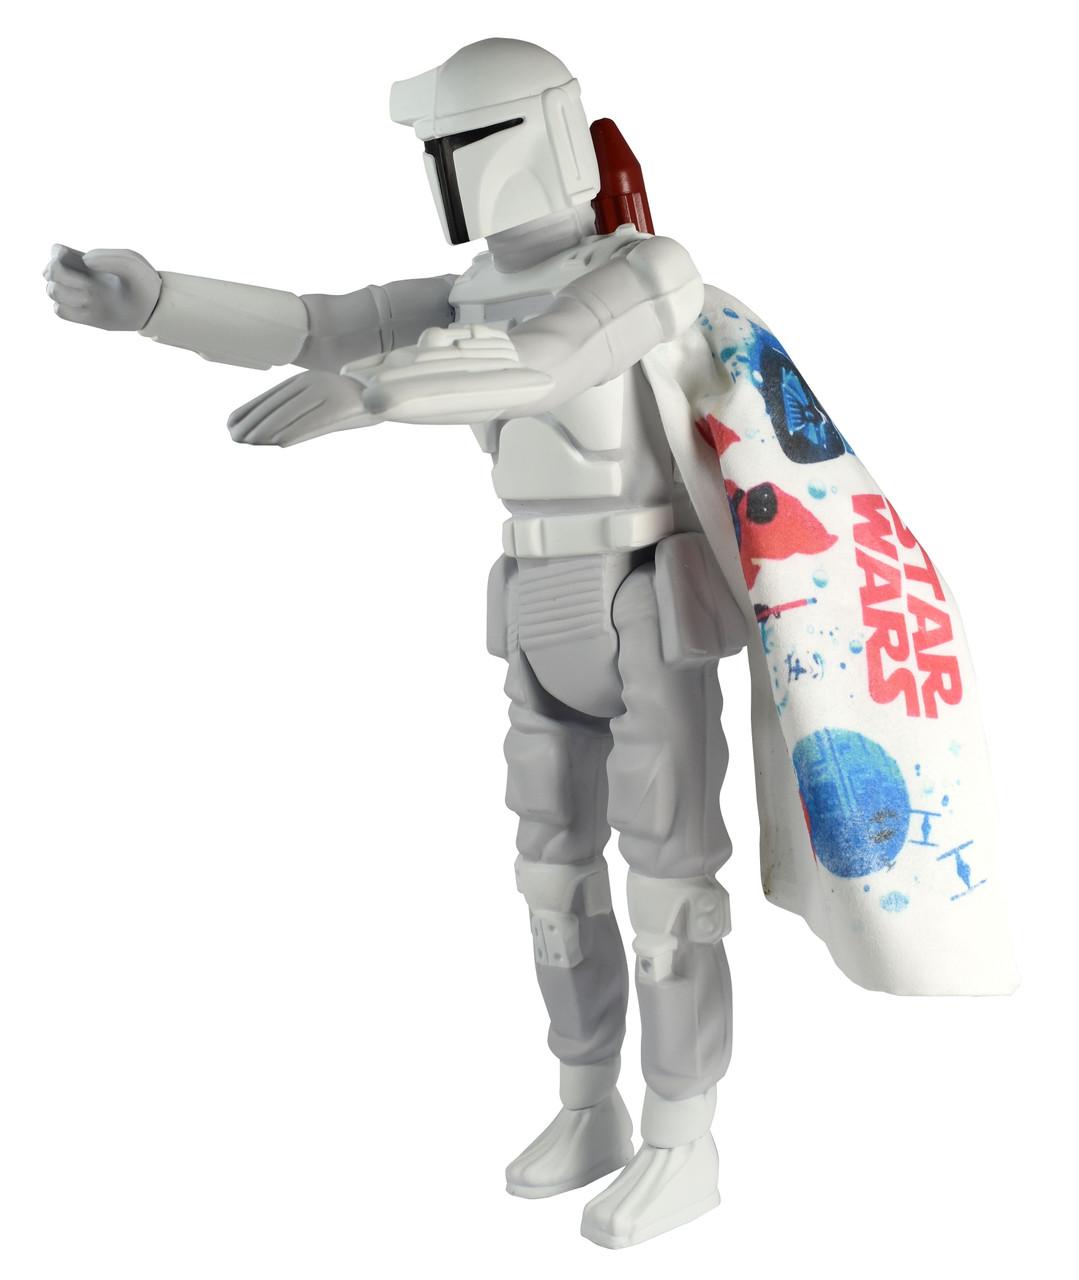 Star Wars™ - Boba Fett (Prototype) Jumbo Figure - 2020 Holiday Gift Exclusive